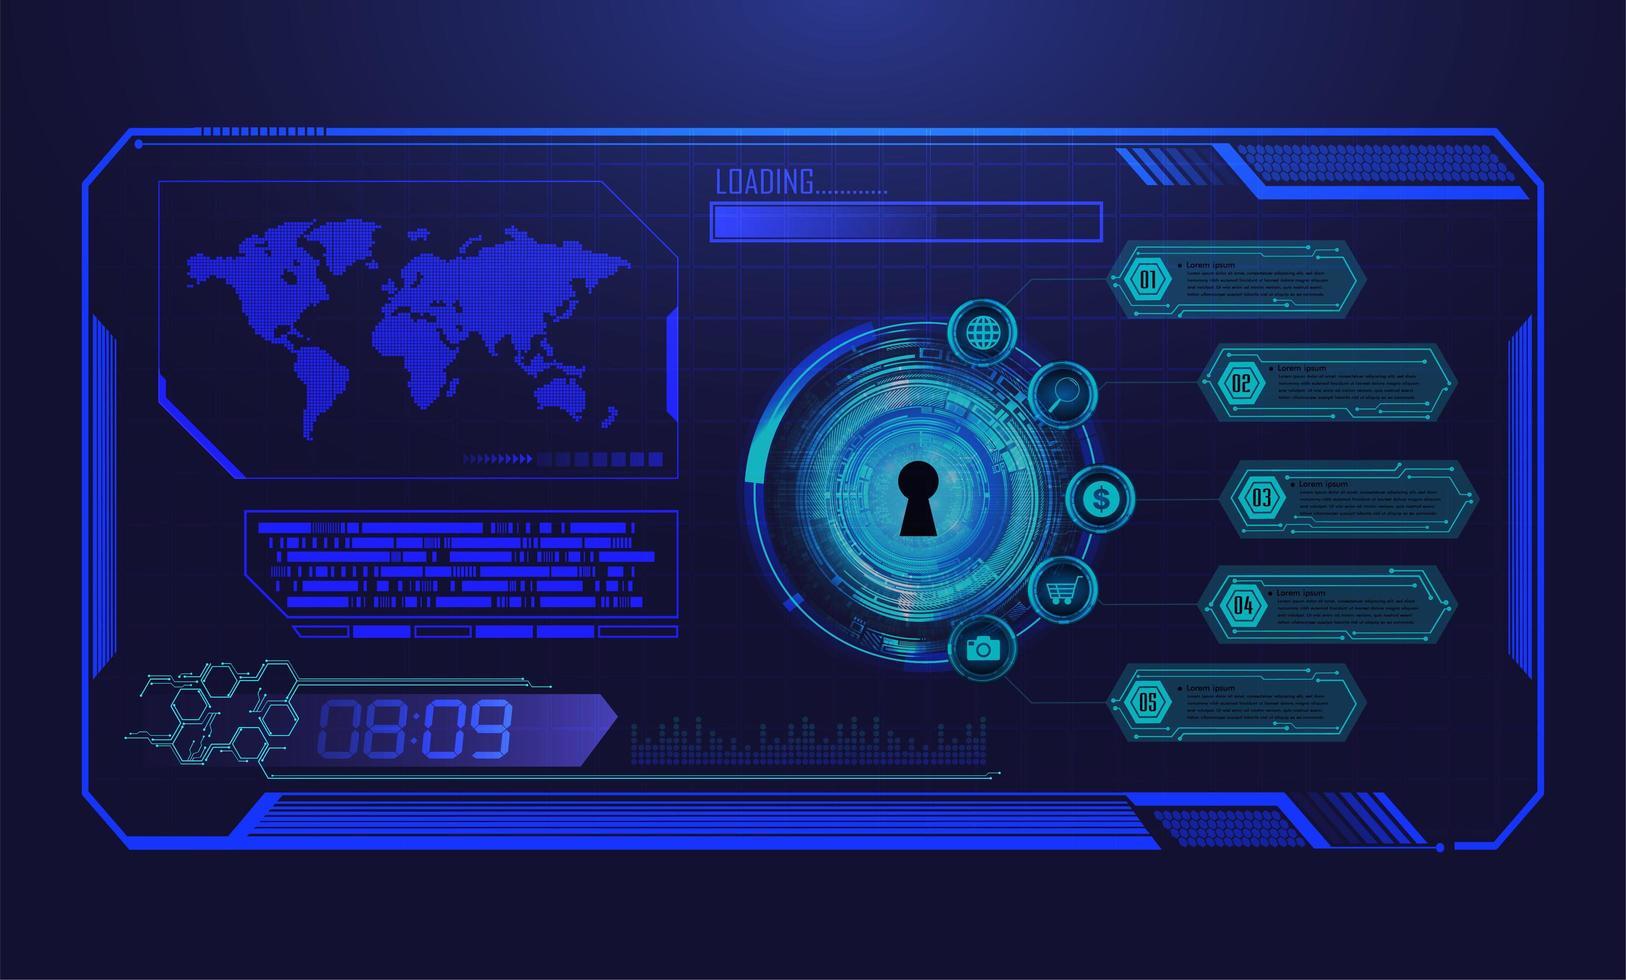 tecnologia futura de placa de circuito binário azul vetor